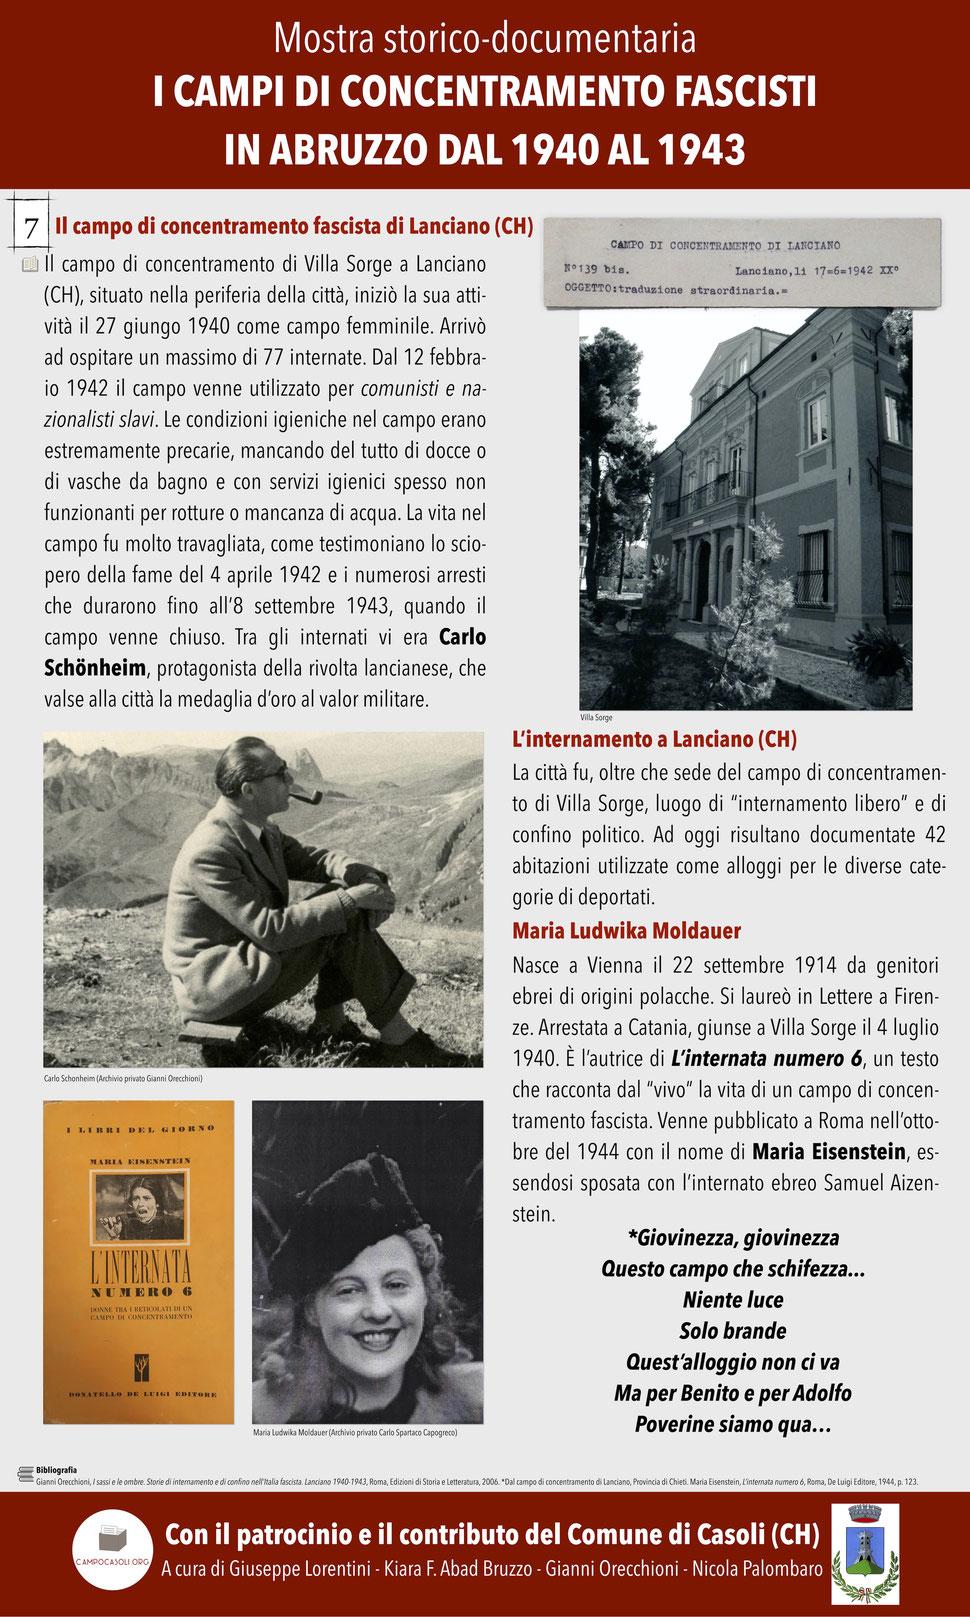 7. Il campo di concentramento fascista di Lanciano (CH)